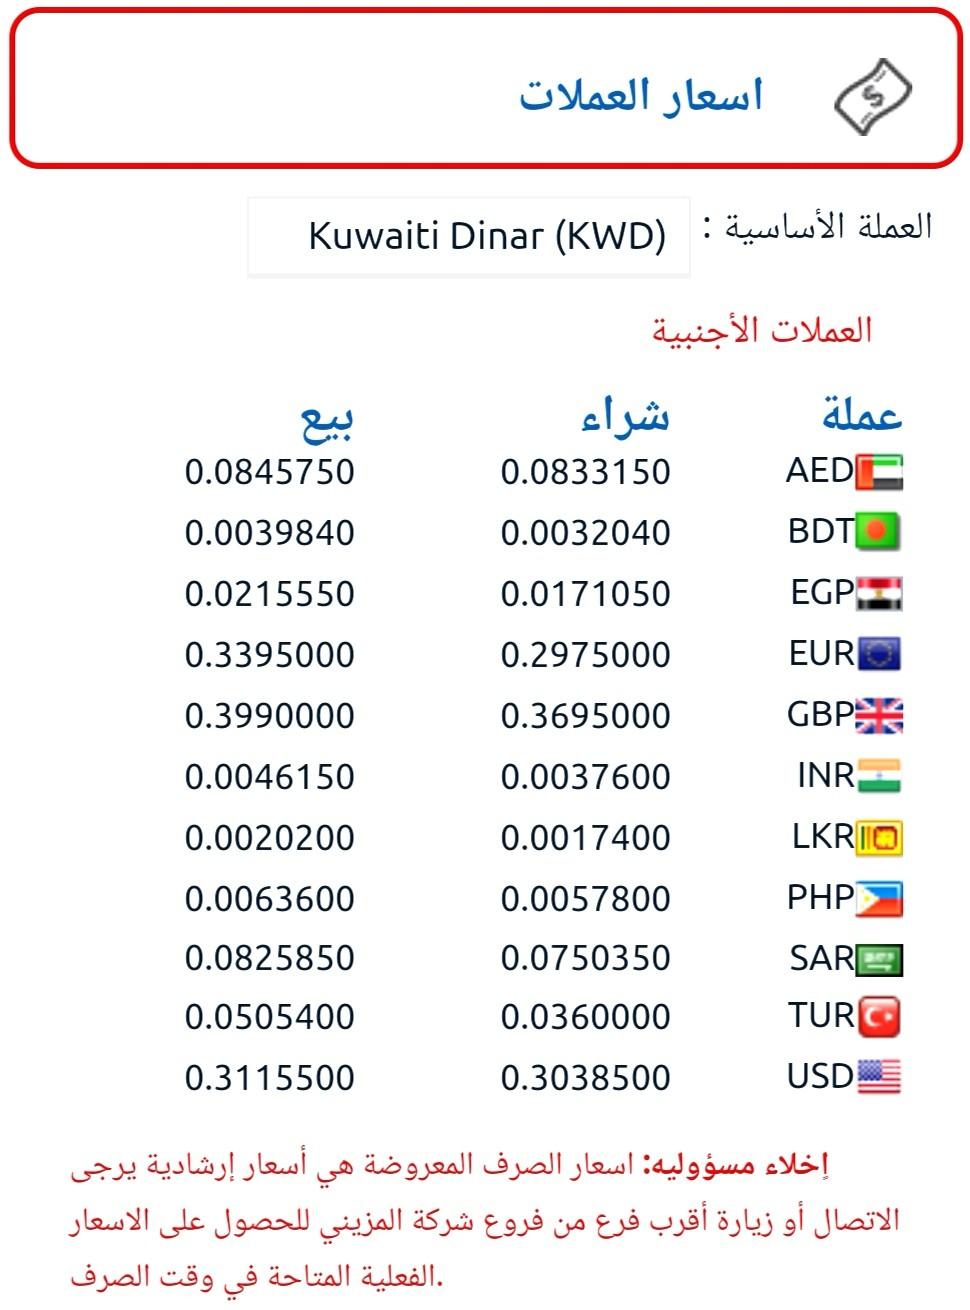 اسعار العملات اليوم تطبيق المزيني و رابط الدفع لتحويلات المالية